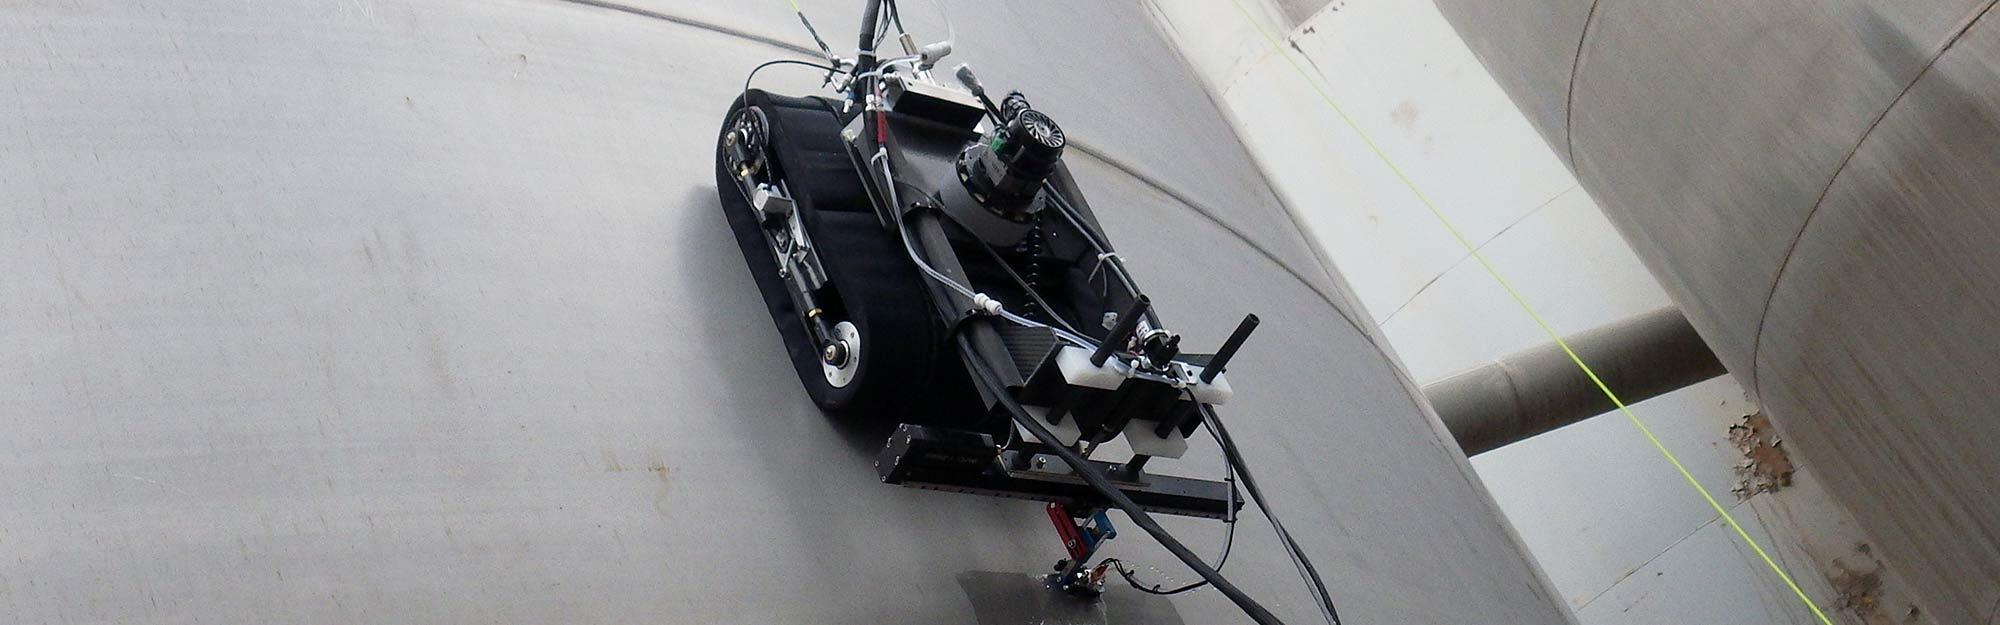 Icm Rover Advanced Vacuum Adhesion Inspection Crawler Diagram